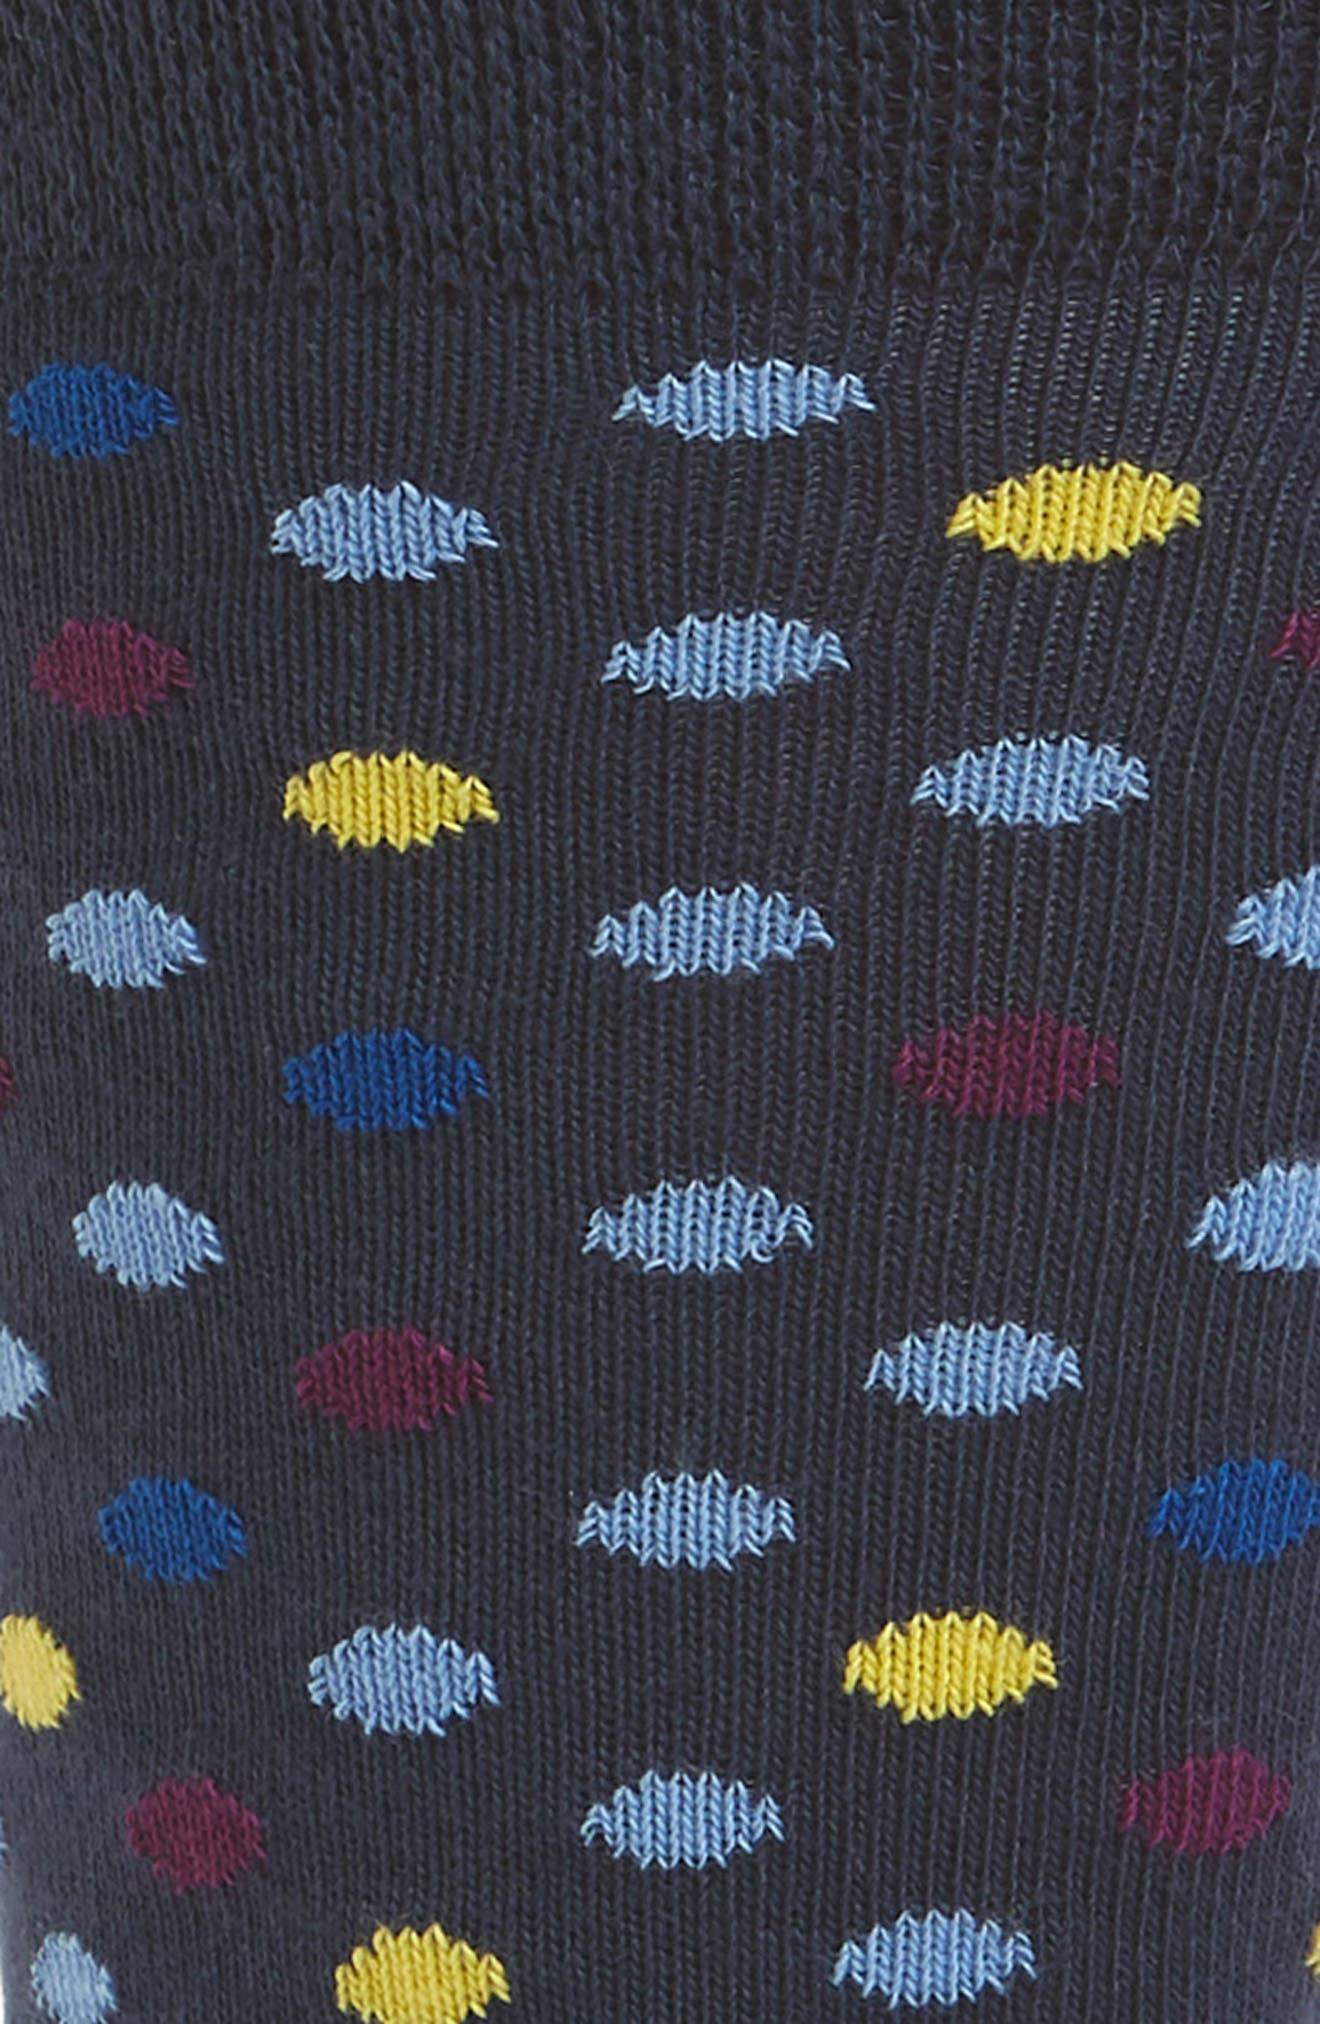 Aluren Dot Socks,                             Alternate thumbnail 2, color,                             NAVY